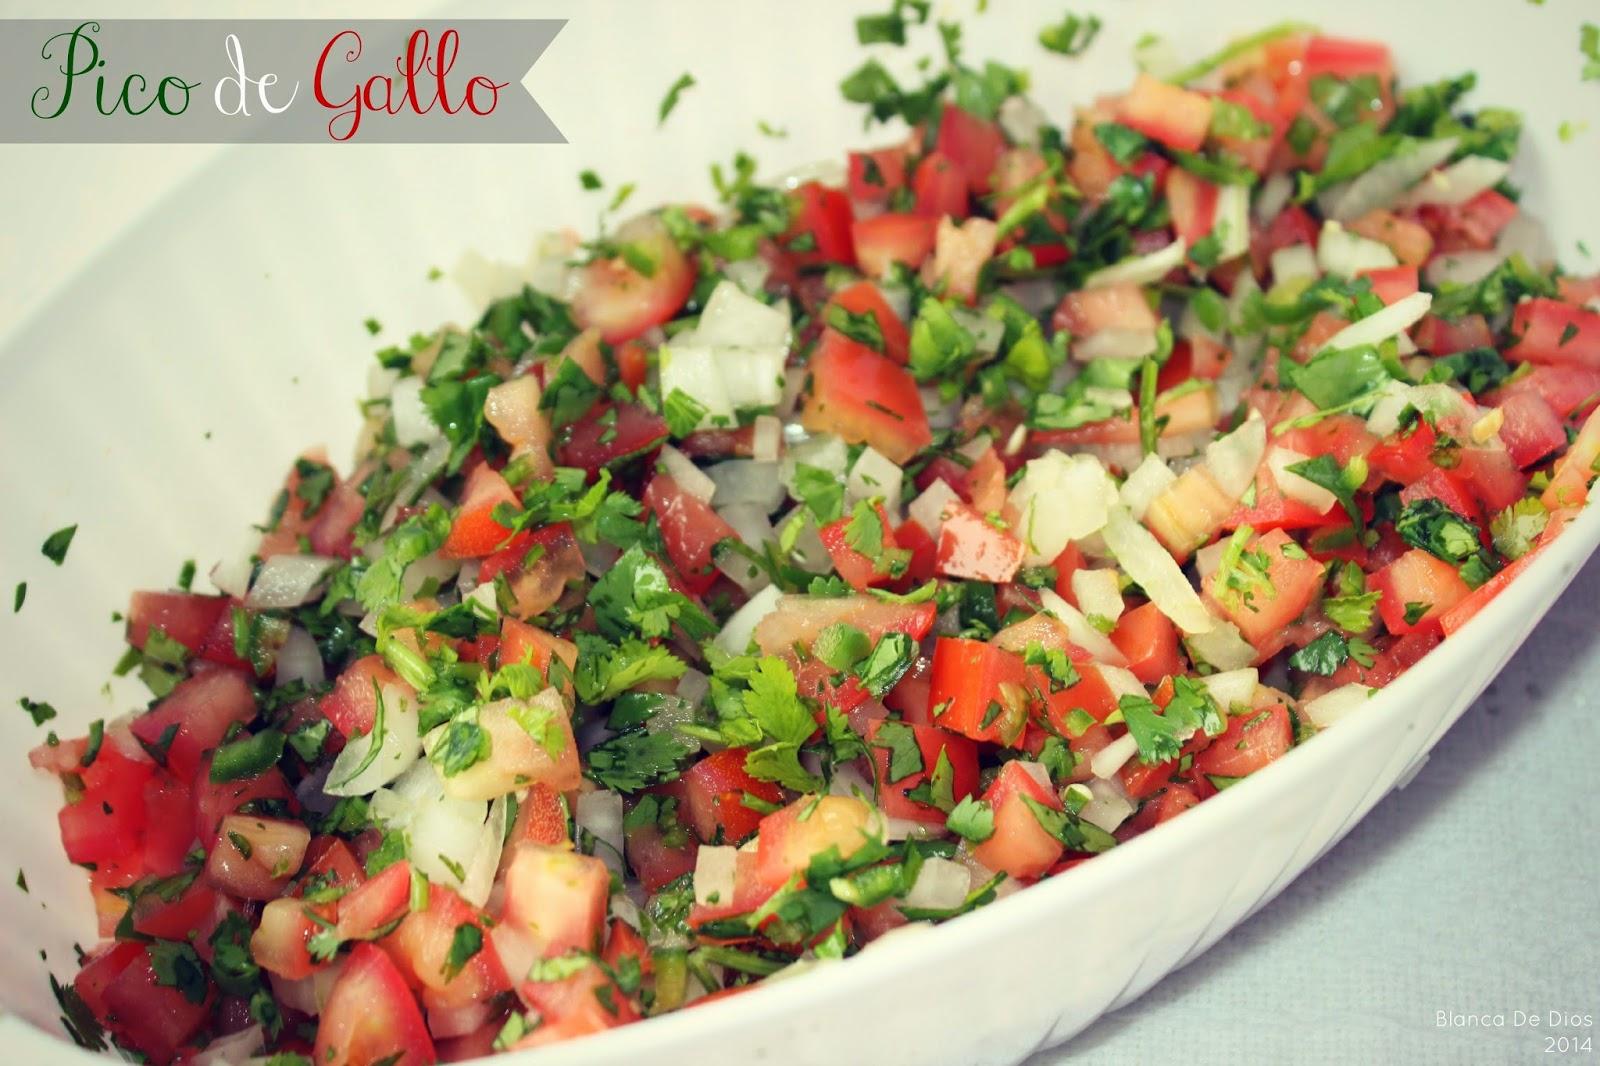 Necesitas : 3 jitomates, 3 chiles serranos, ½ cebolla, cilantro y sal ...